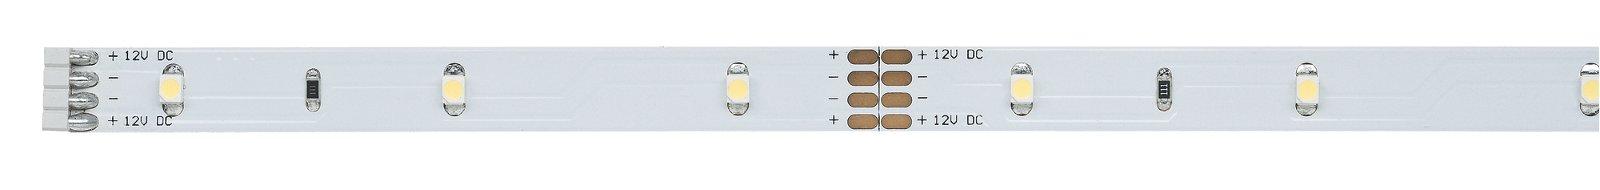 YourLED ECO LED Strip Neutralweiß 1m 2,4W 180lm/m 4000K